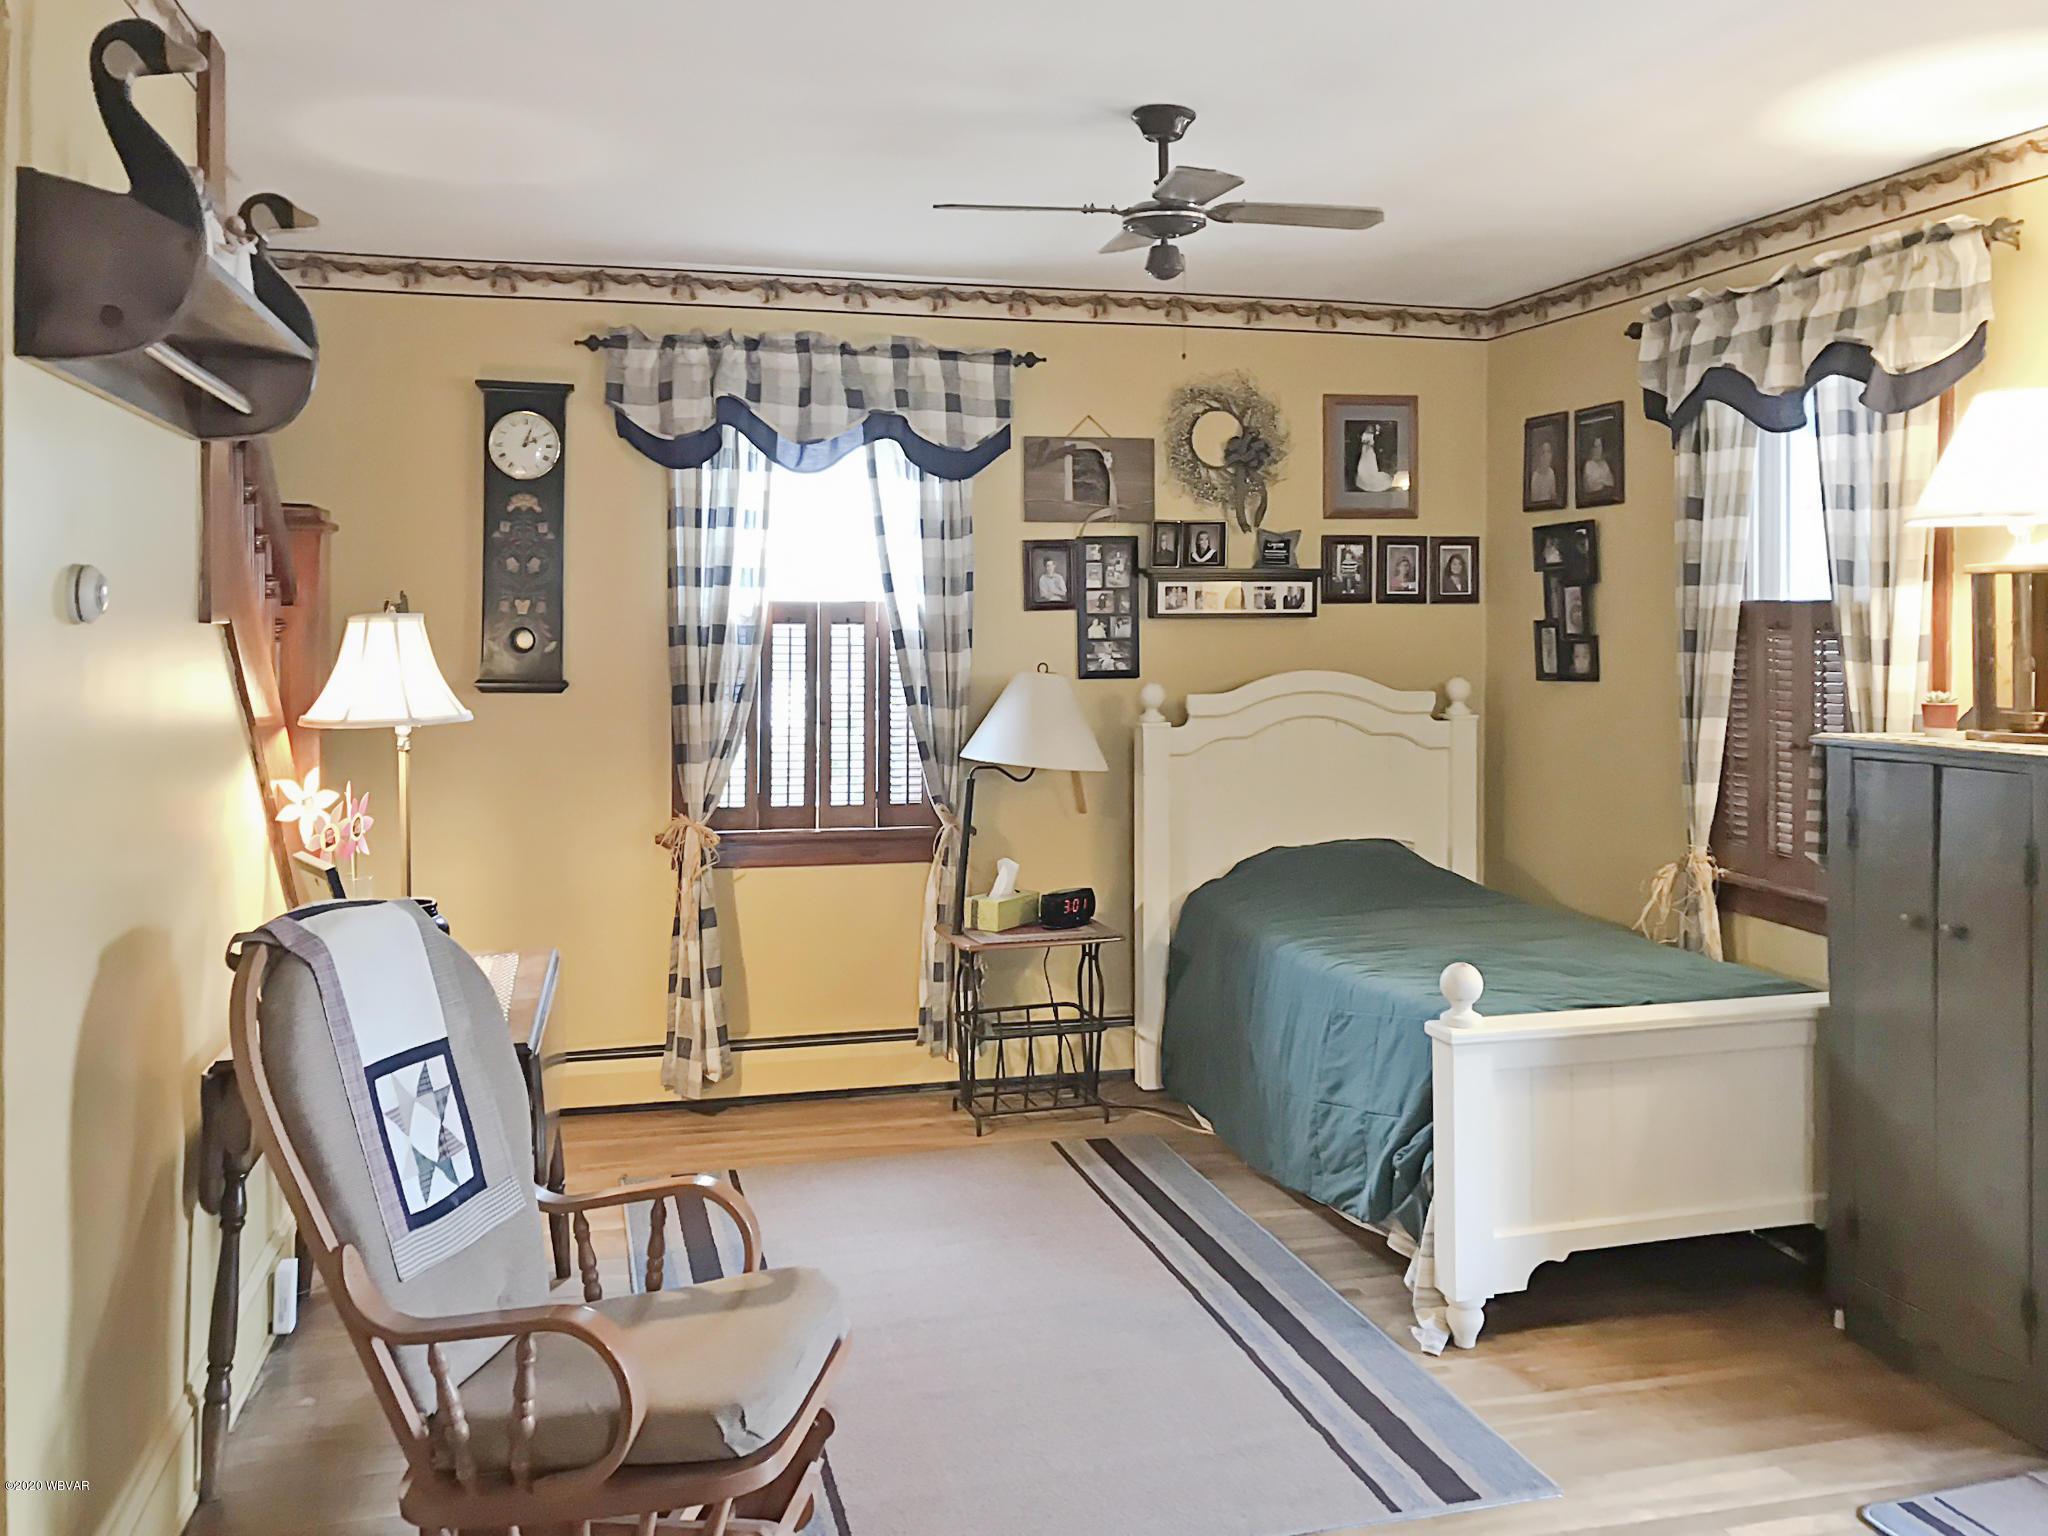 229 BEECH STREET,S. Williamsport,PA 17702,3 Bedrooms Bedrooms,1.5 BathroomsBathrooms,Residential,BEECH,WB-90175